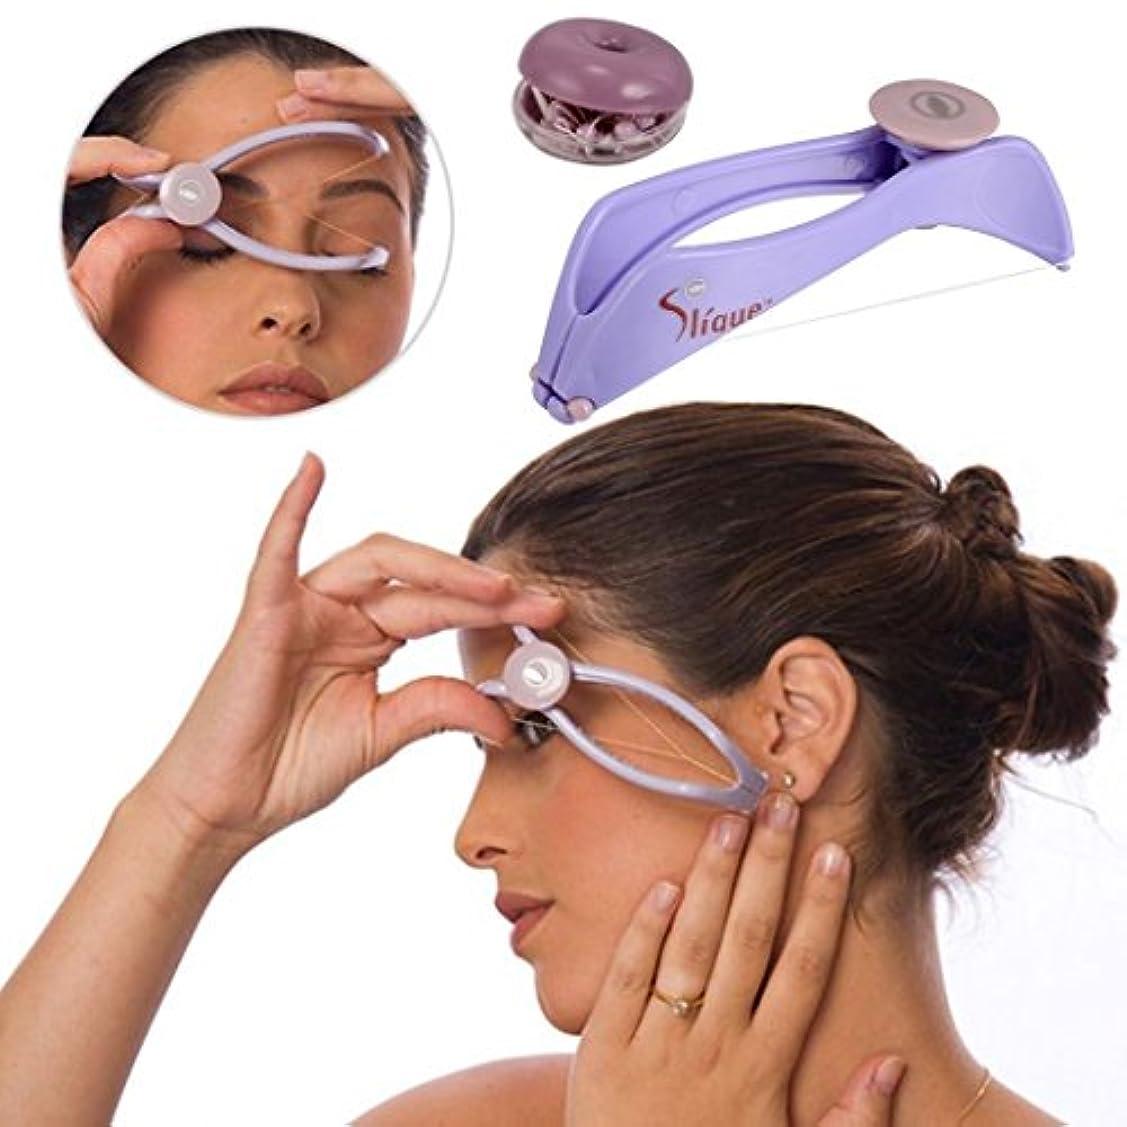 ハーフスリル維持婦人用ツールの美しさを手動でスレッドの髪の顔脱毛フェイシャルスパリムーバーhaitツールセット